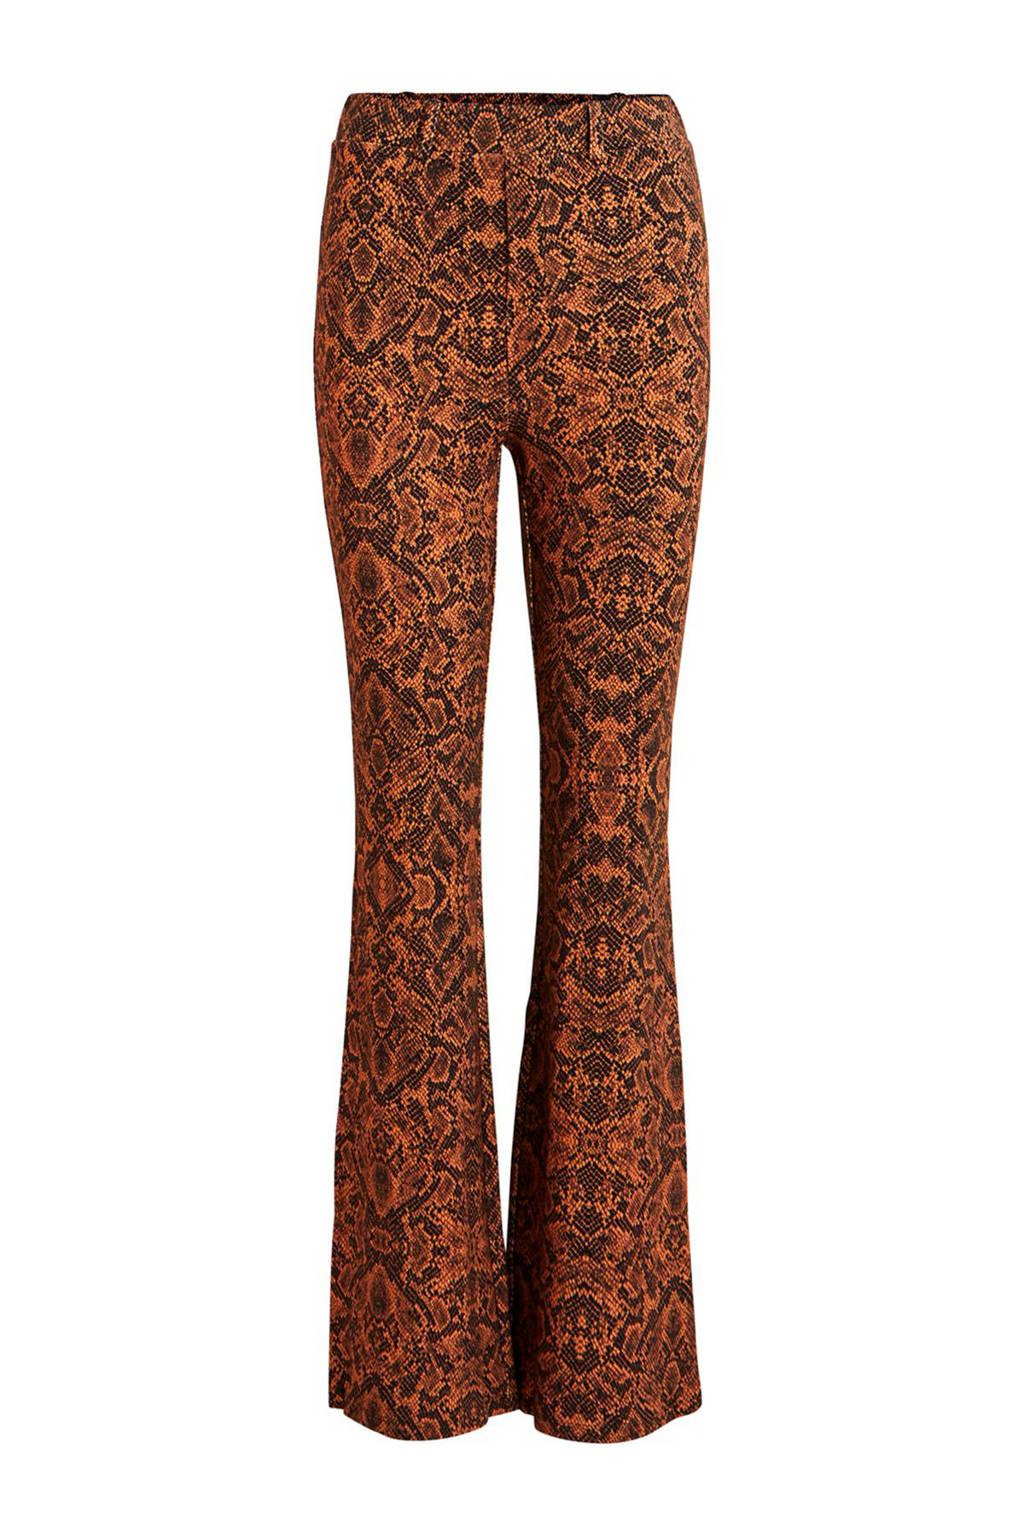 VILA x Sarah Chronis tijgerprint legging bruin, Bruin